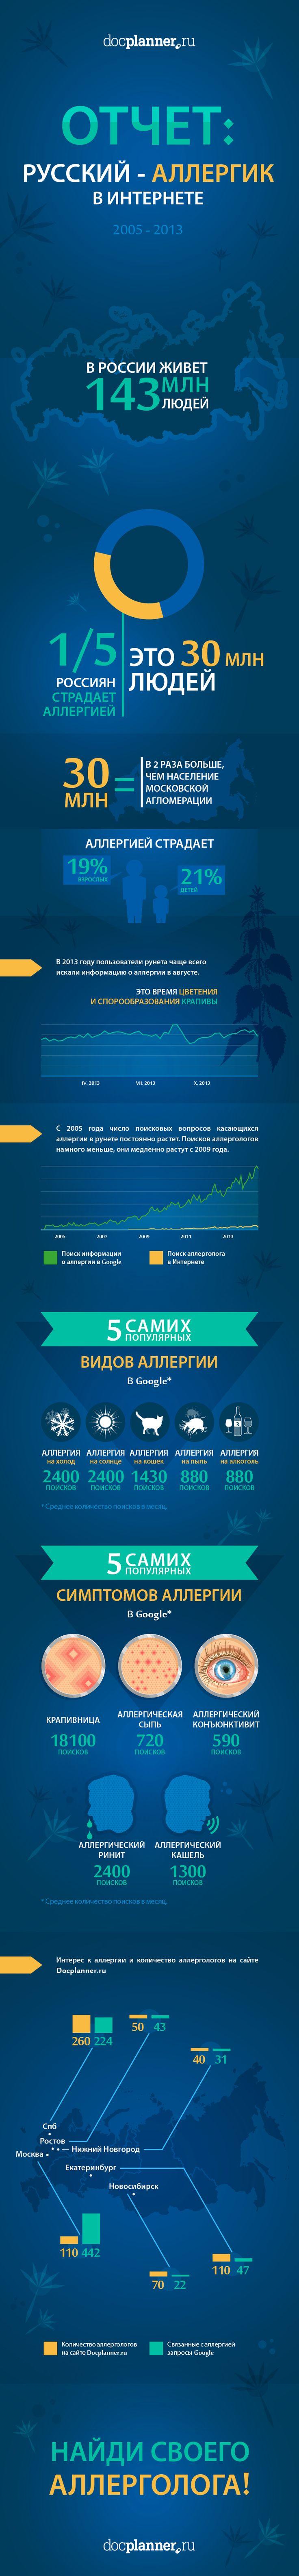 Отчет: Русский-аллергик в Интернете. Сколько есть больных в России? Что они ищут в Интернете?  Ищете хорошего аллерголога? Посмотрите: http://www.docplanner.ru/allergolog